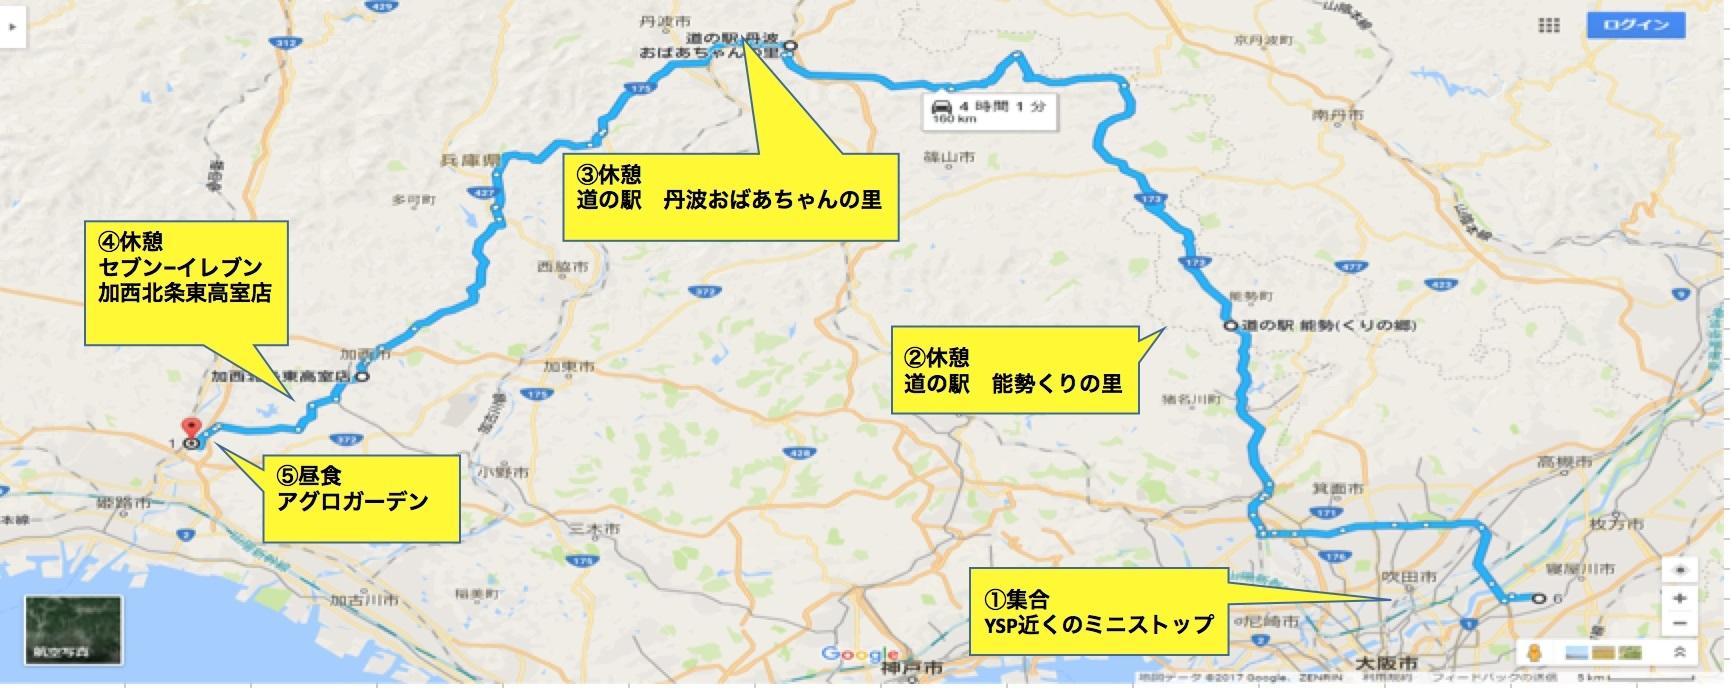 トンボツアー地図2017-05-27